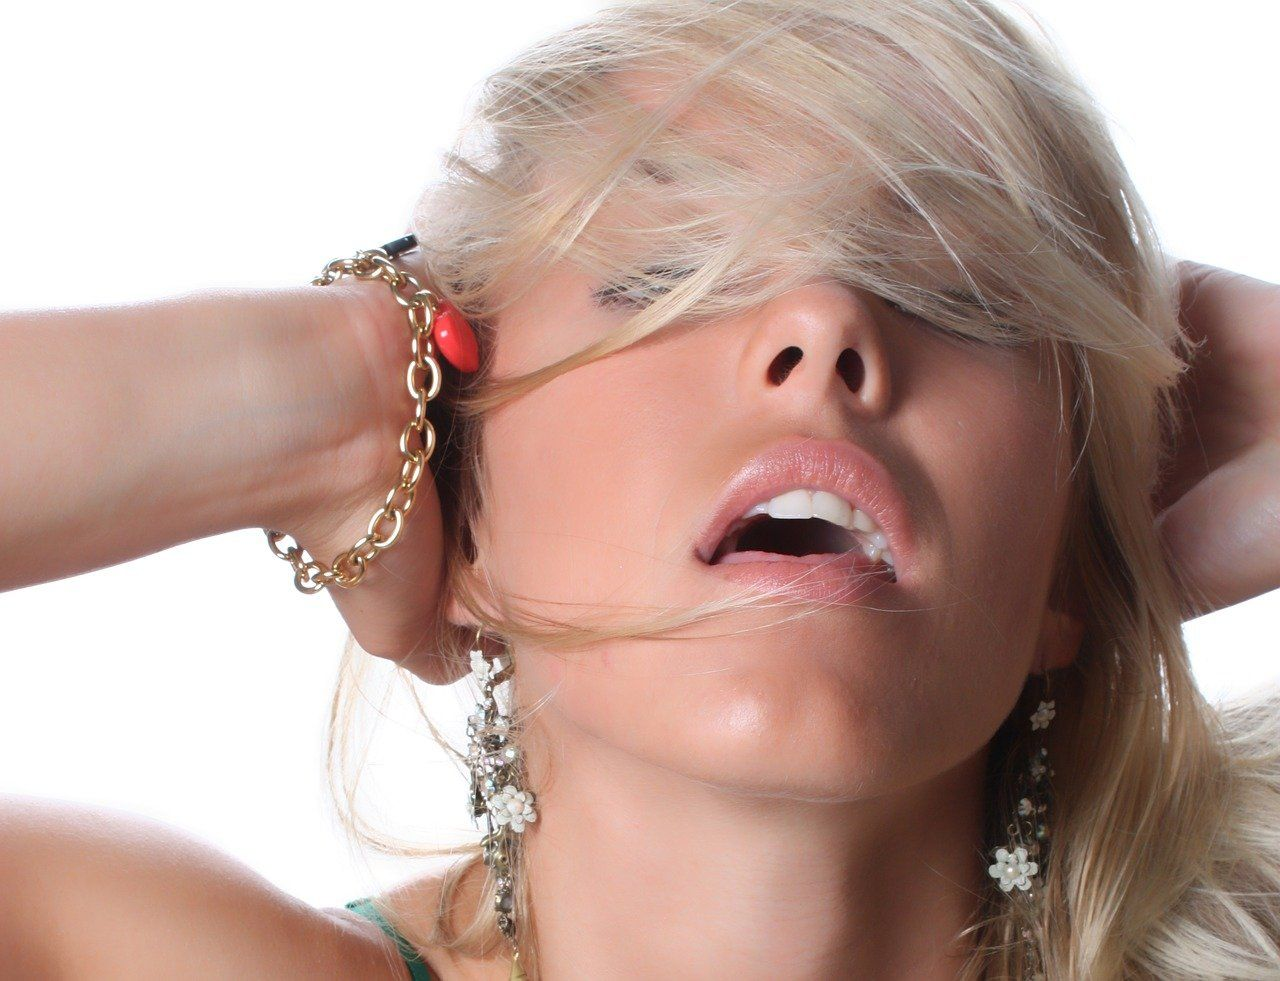 Cinsel ilişkiye sabah saatlerinde girmenin 10 faydası ortaya çıktı... Ağrınızı alıyor, bağışıklık sistemini güçlendiriyor... - Sayfa:1